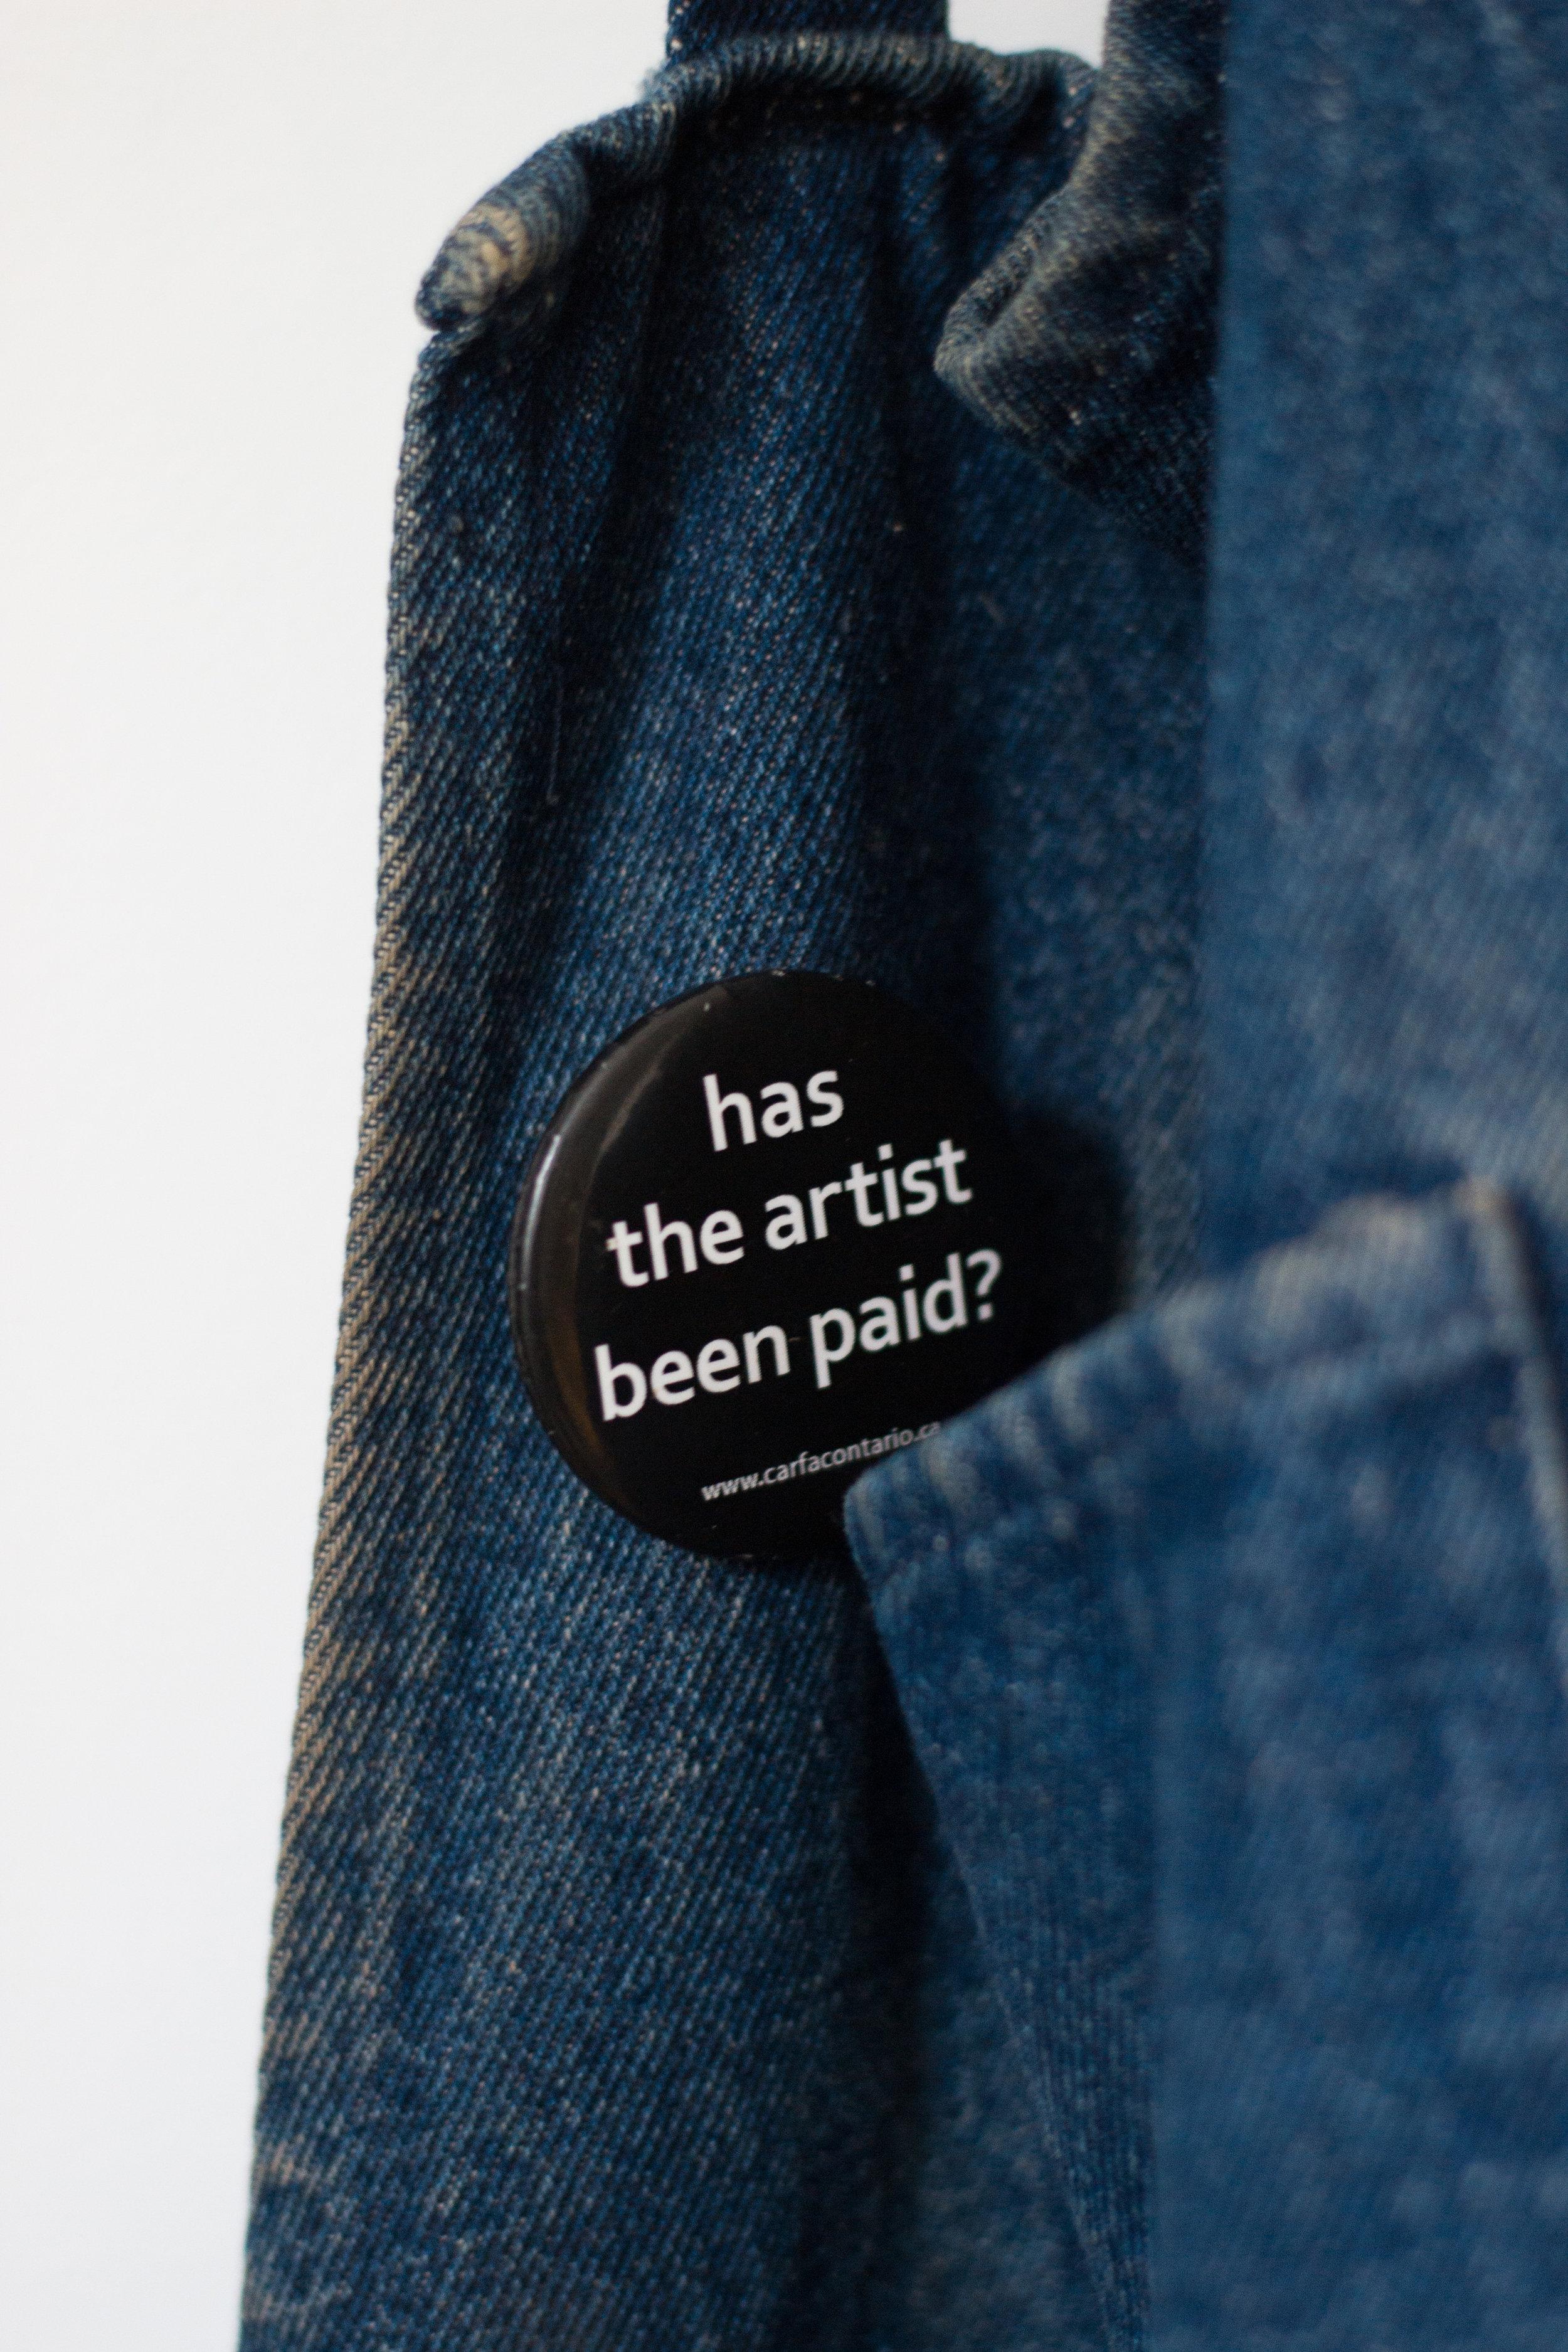 pay artist